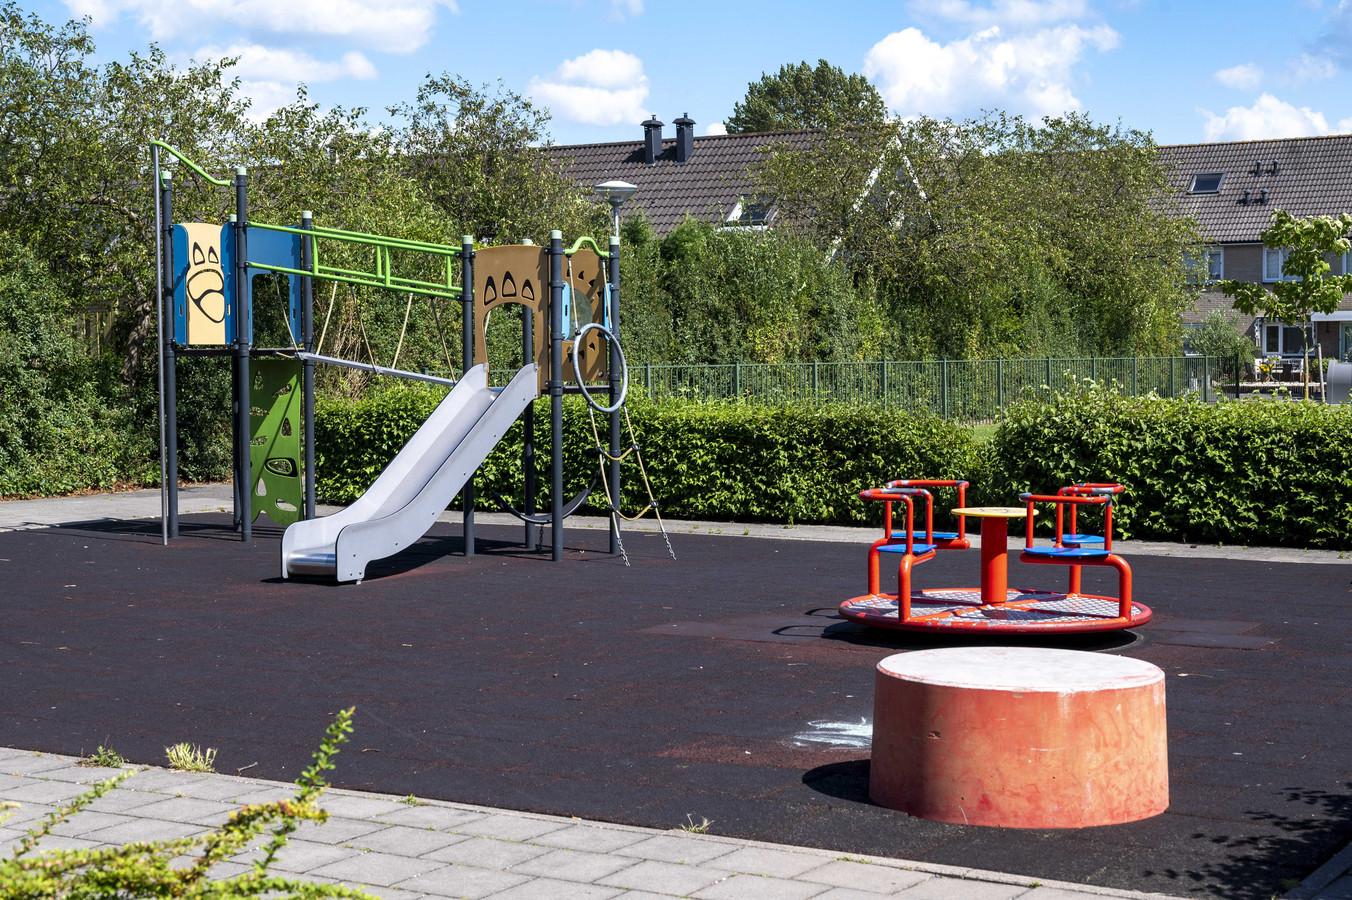 Het speelplein in de Amstelveense Westwijk waar de 14-jarige Frederique is mishandeld.